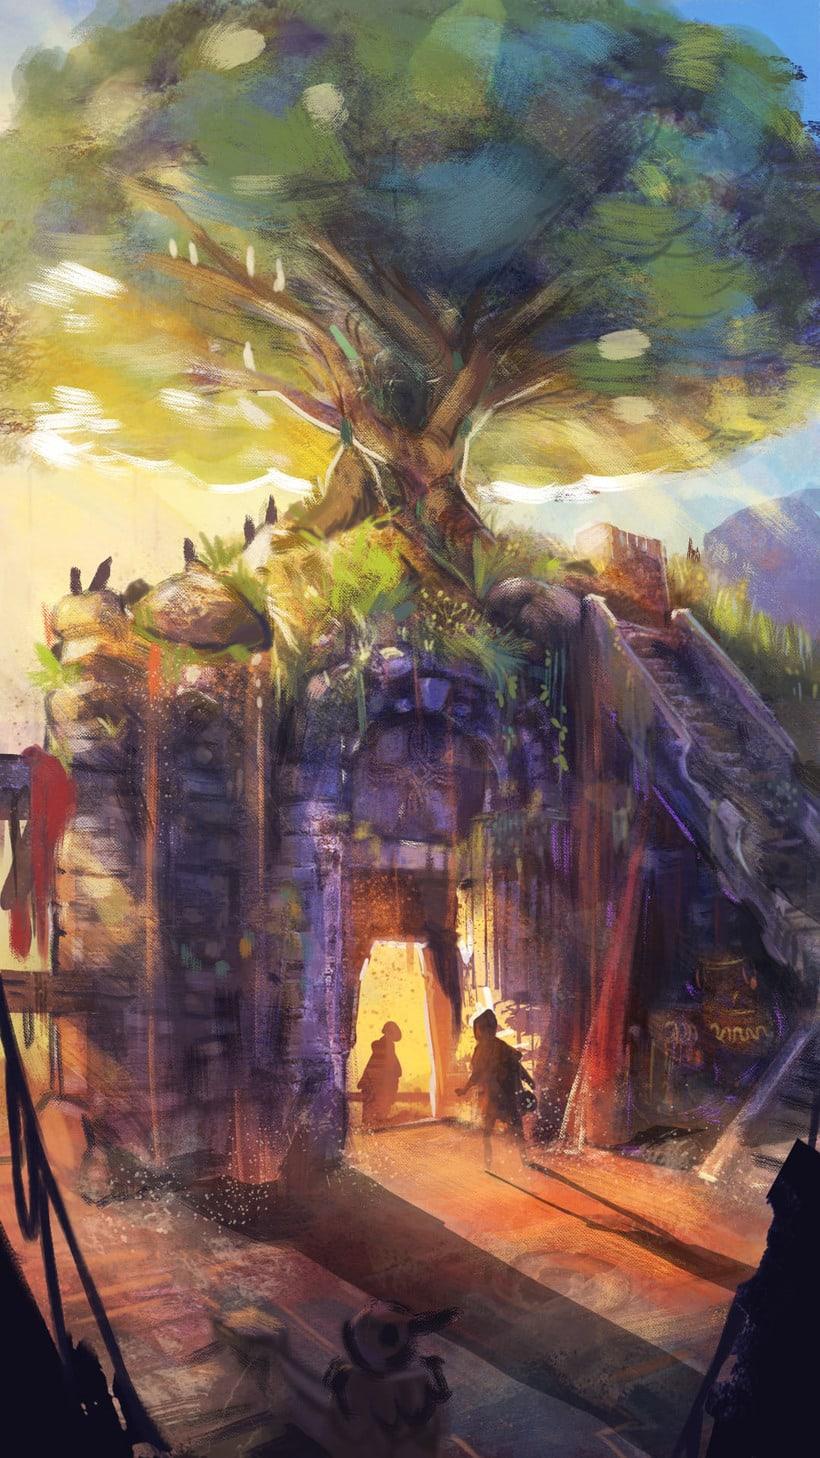 Mi Proyecto del curso: Concept art para videojuegos AAA 10